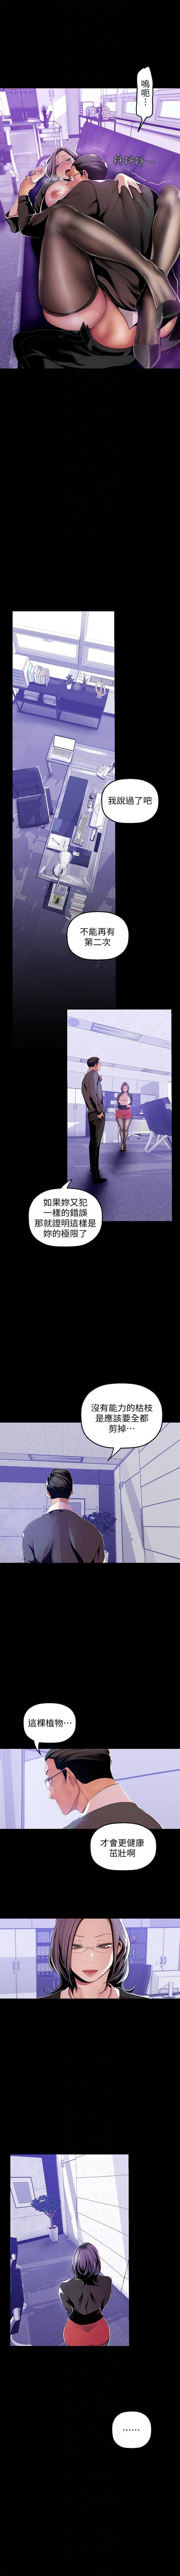 美麗新世界 1-85 官方中文(連載中) 344